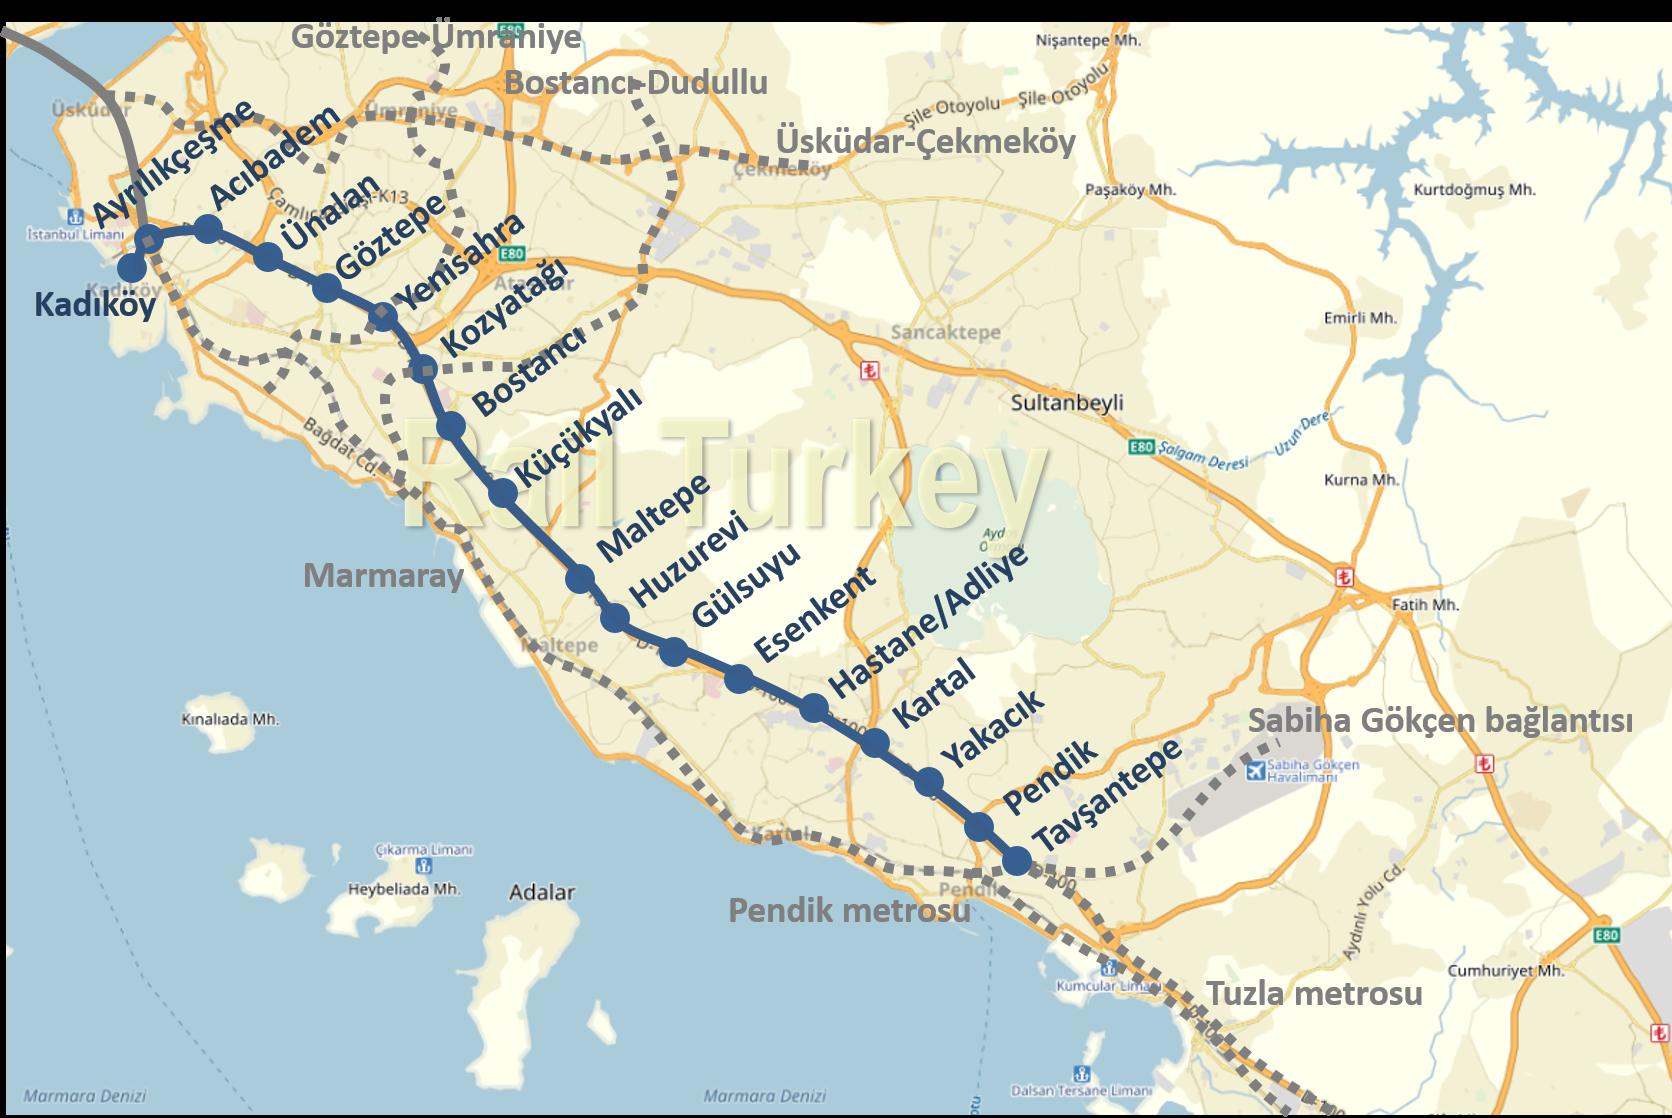 Kadıköy-Kartal-Tavşantepe metrosu (M4)